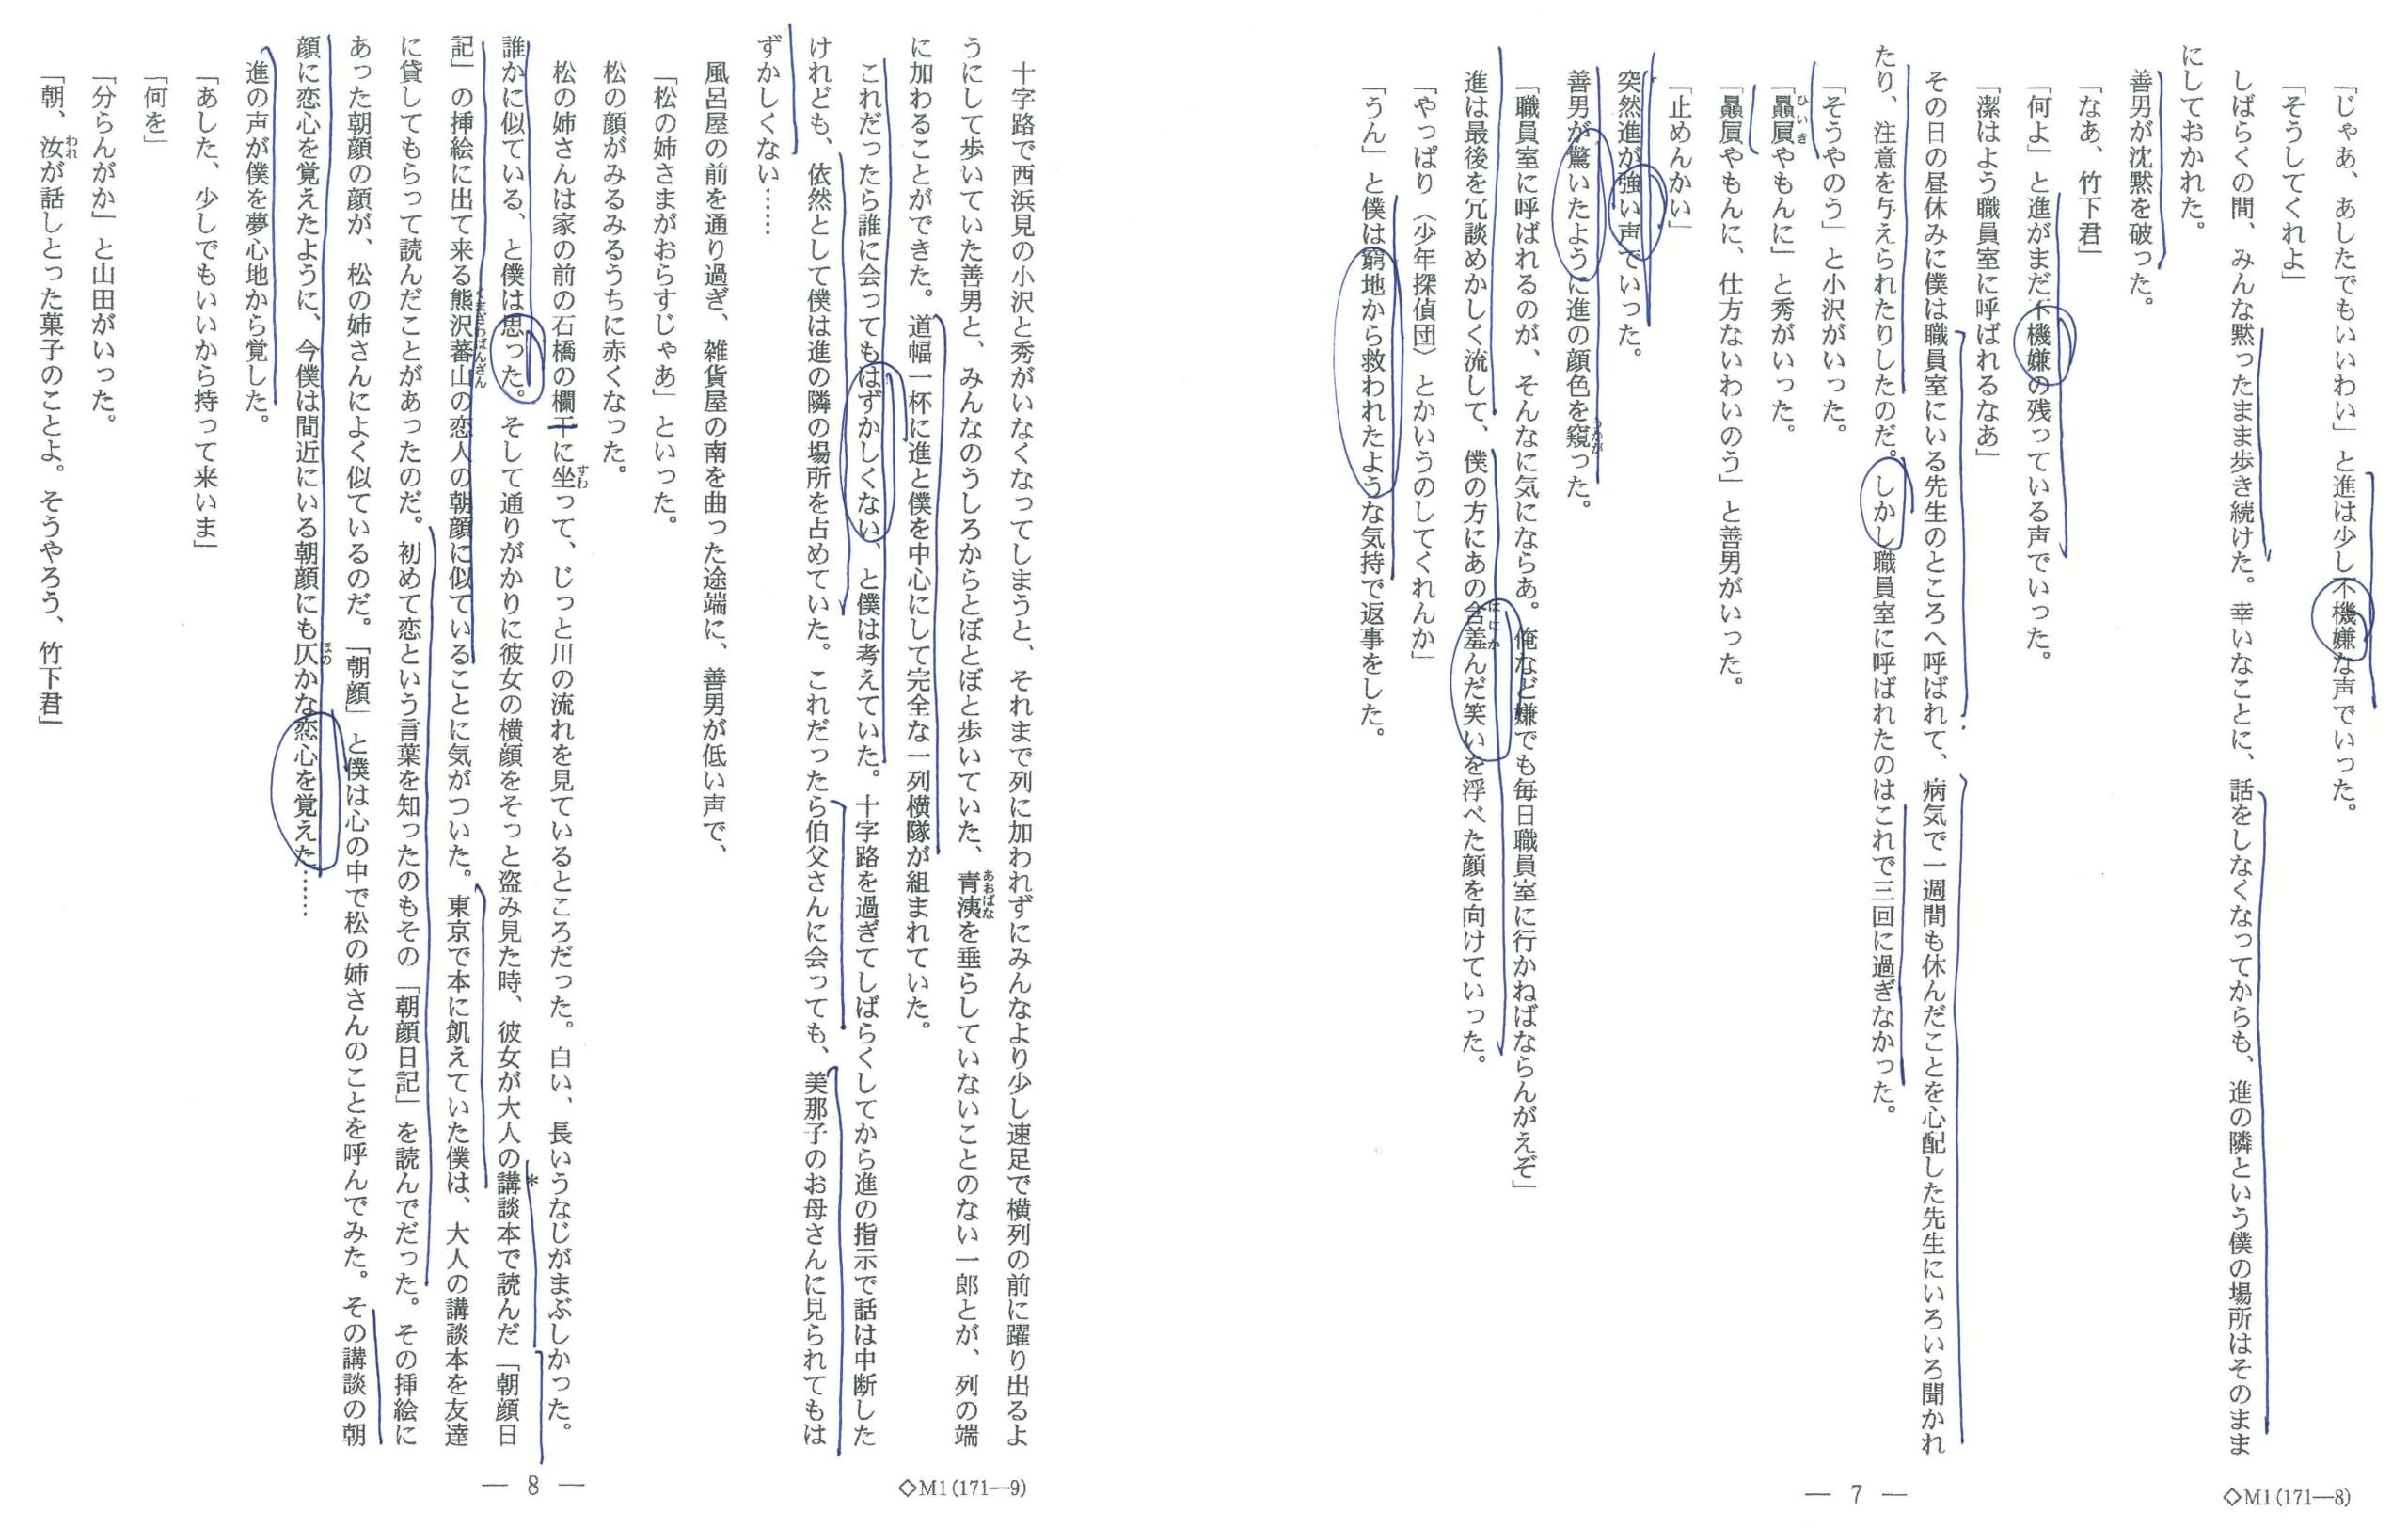 MX-M565FN_20190313_192715_002